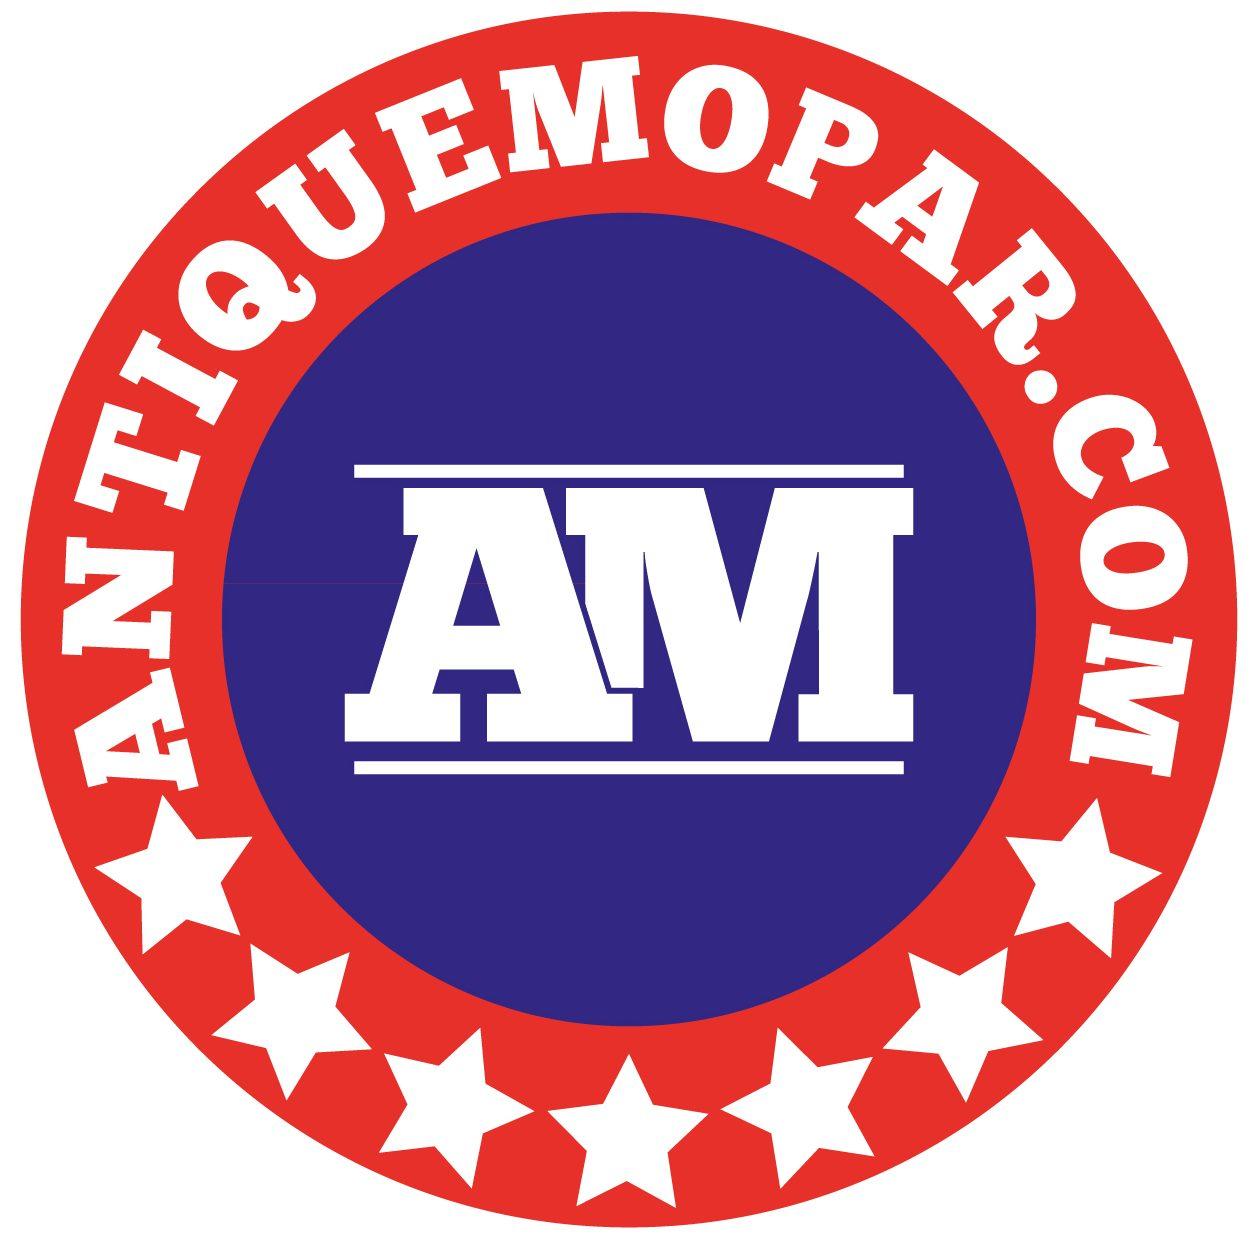 Antiquemopar.com